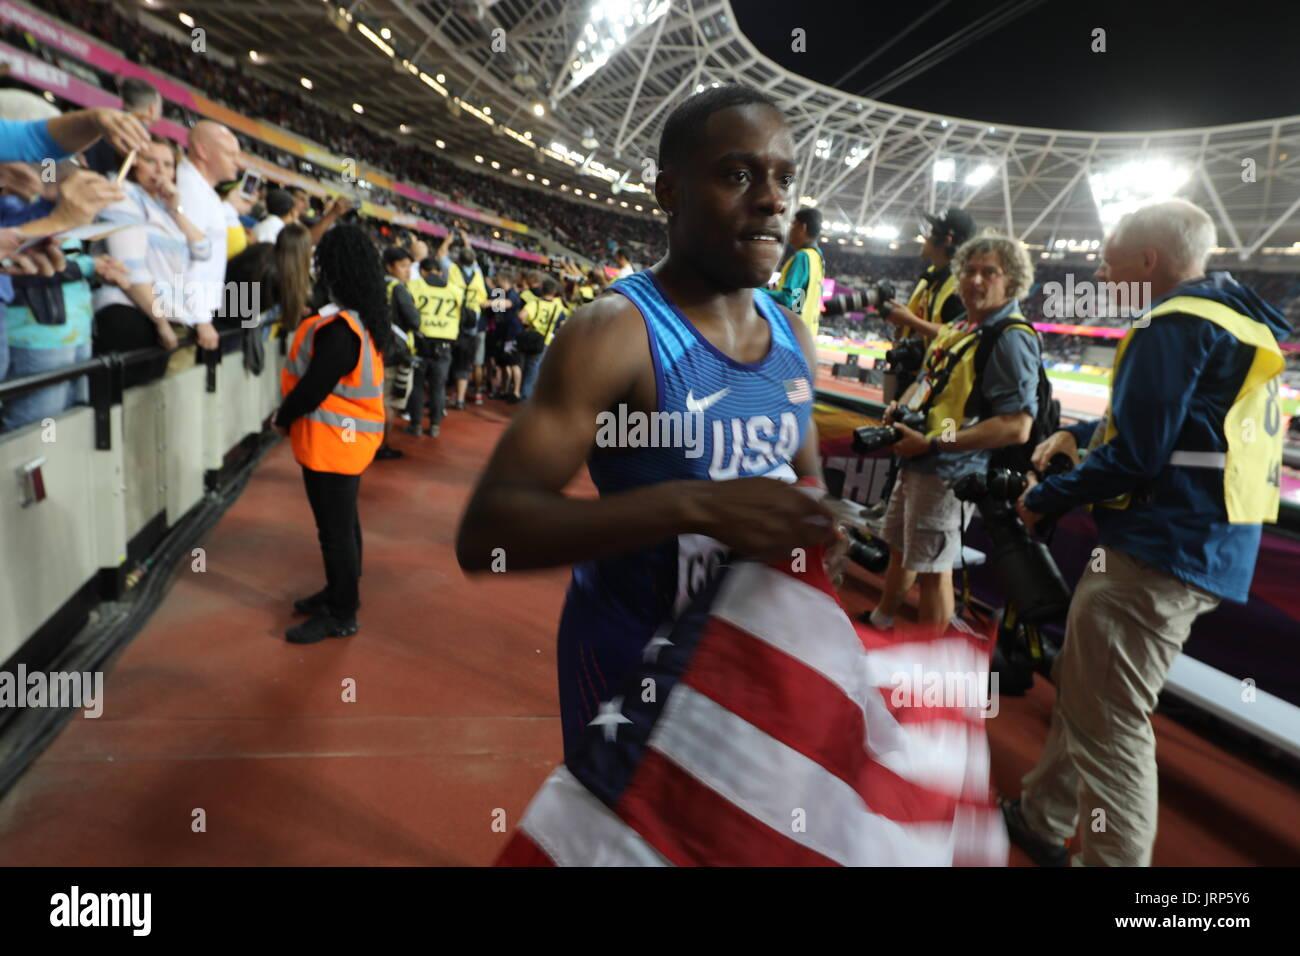 Londres, Reino Unido. 5 ago, 2017. CHRISTIAN COLEMAN (EEUU), de 21 años, pasa casi desapercibida por los fans como reunir multitudes de perno. Coleman sólo golpearon su niñez héroe y acaba de ganar medalla de plata en los 100m del mens durante la final de Londres 2017 Campeonato de Mundo de Atletismo de la IAAF en Queen Elizabeth Olympic Park en el segundo día del evento deportivo más importante de 2017. Crédito: Scott Mc Kiernan/Zuma alambre/Alamy Live News Foto de stock